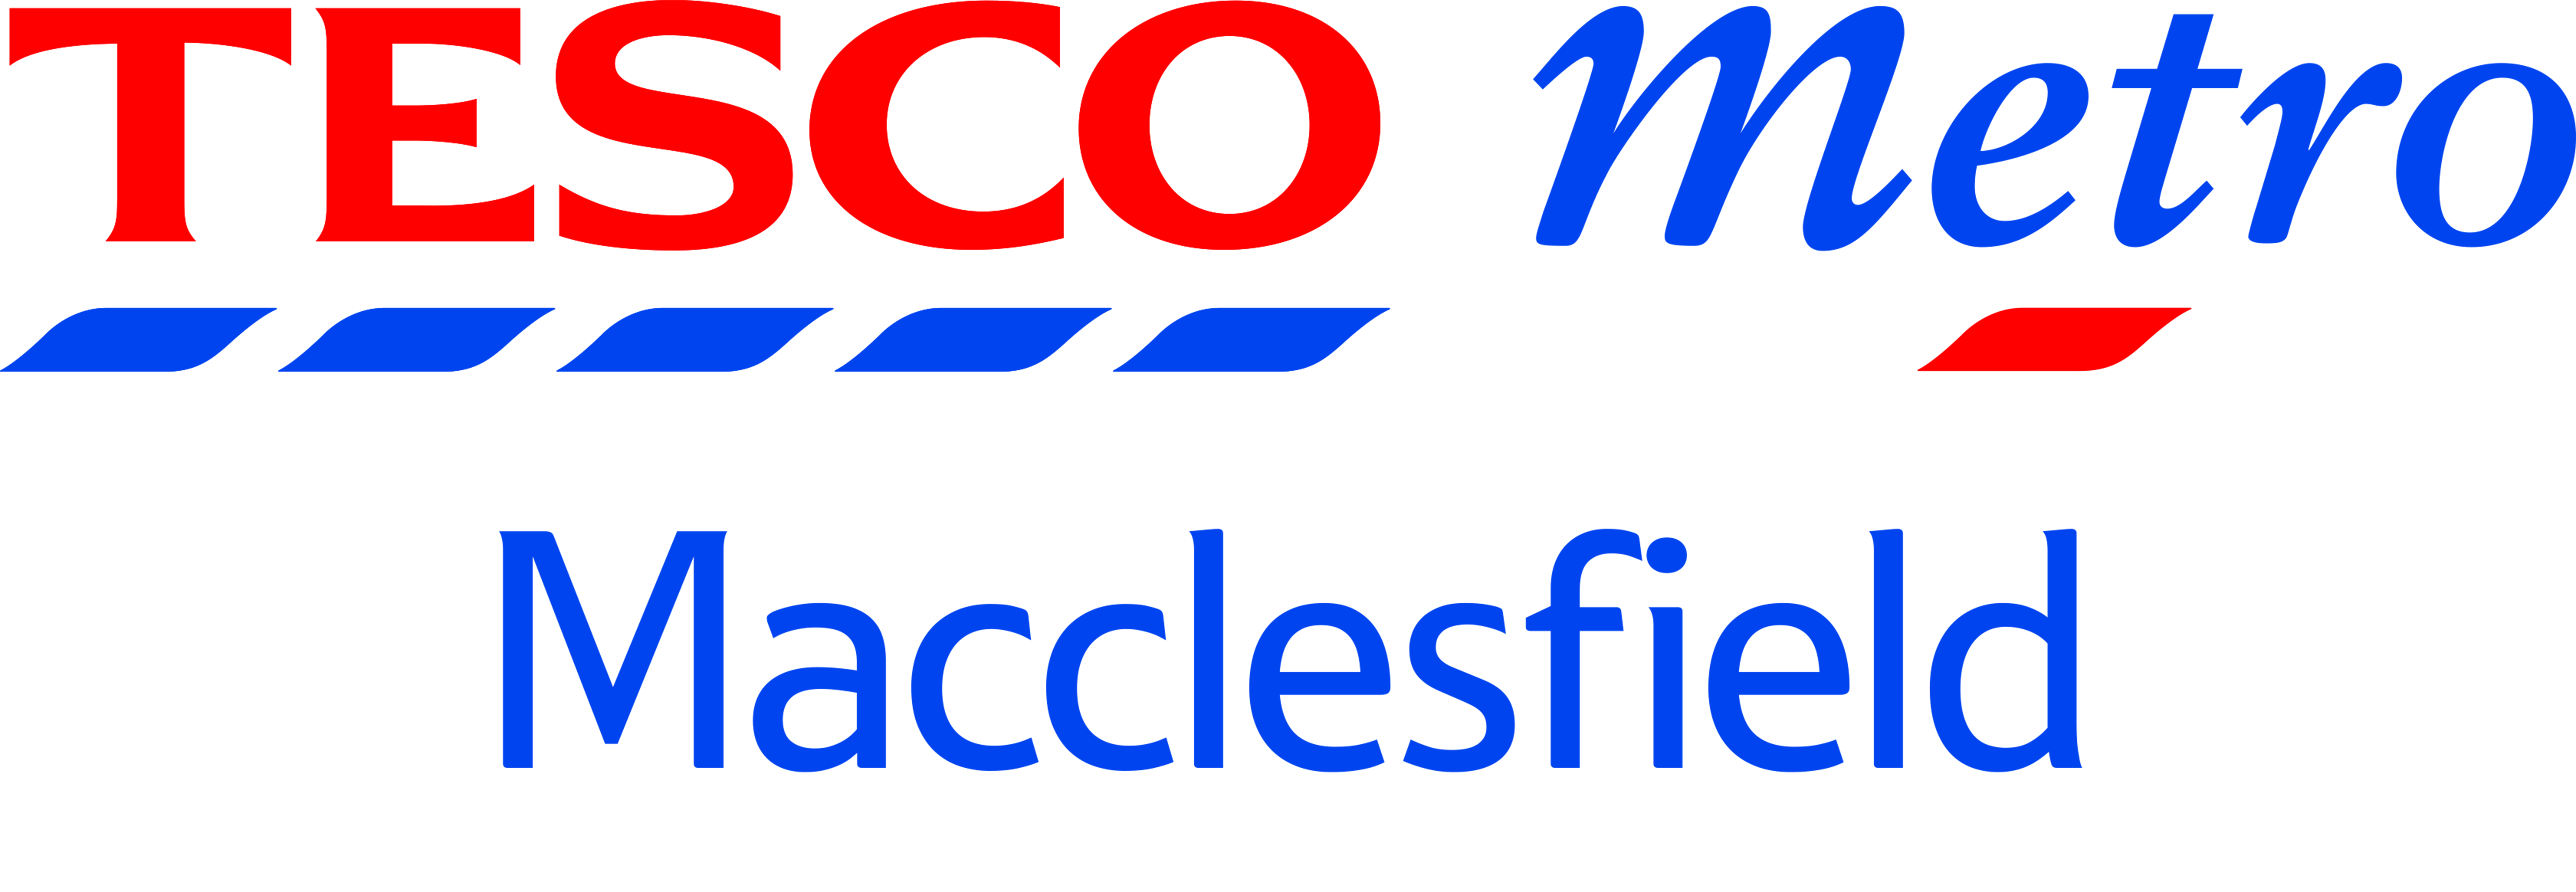 Tesco Metro Macclesfield Hoiz Logo